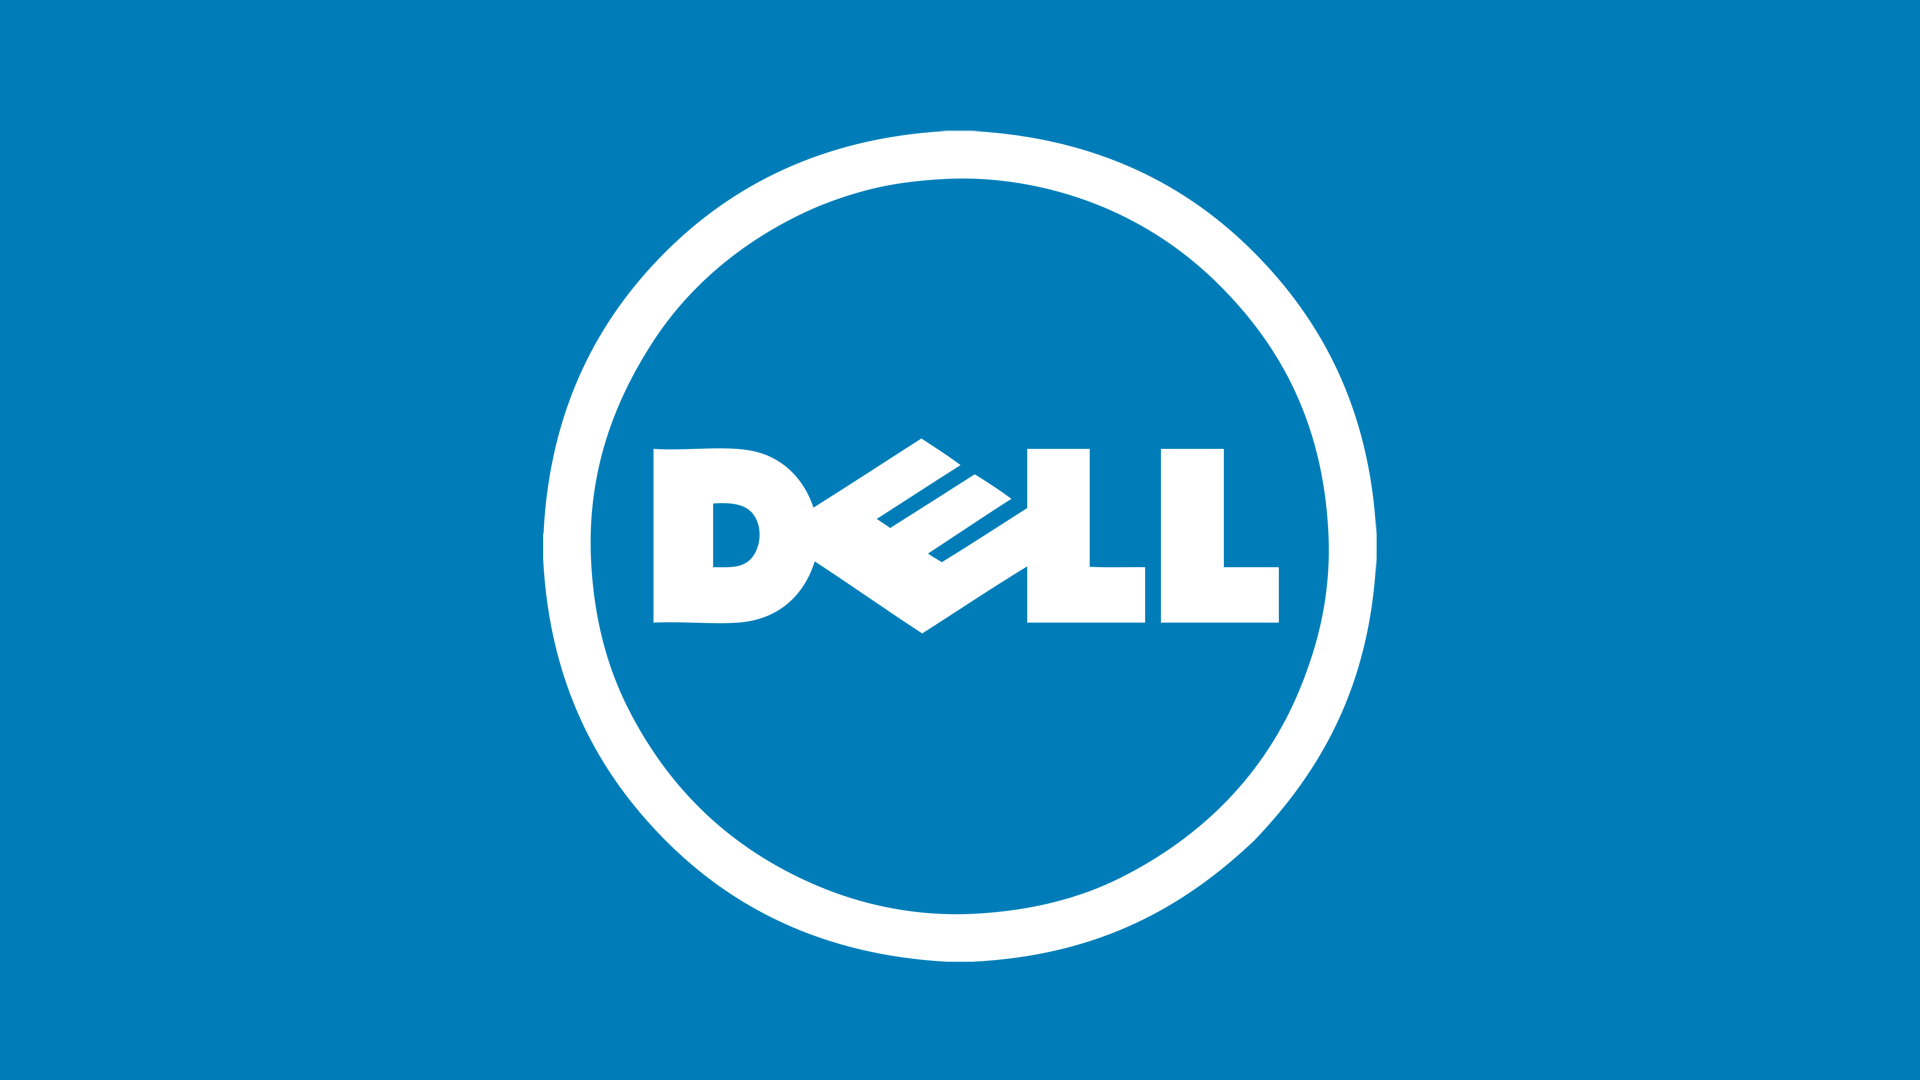 White-Logo-of-Dell